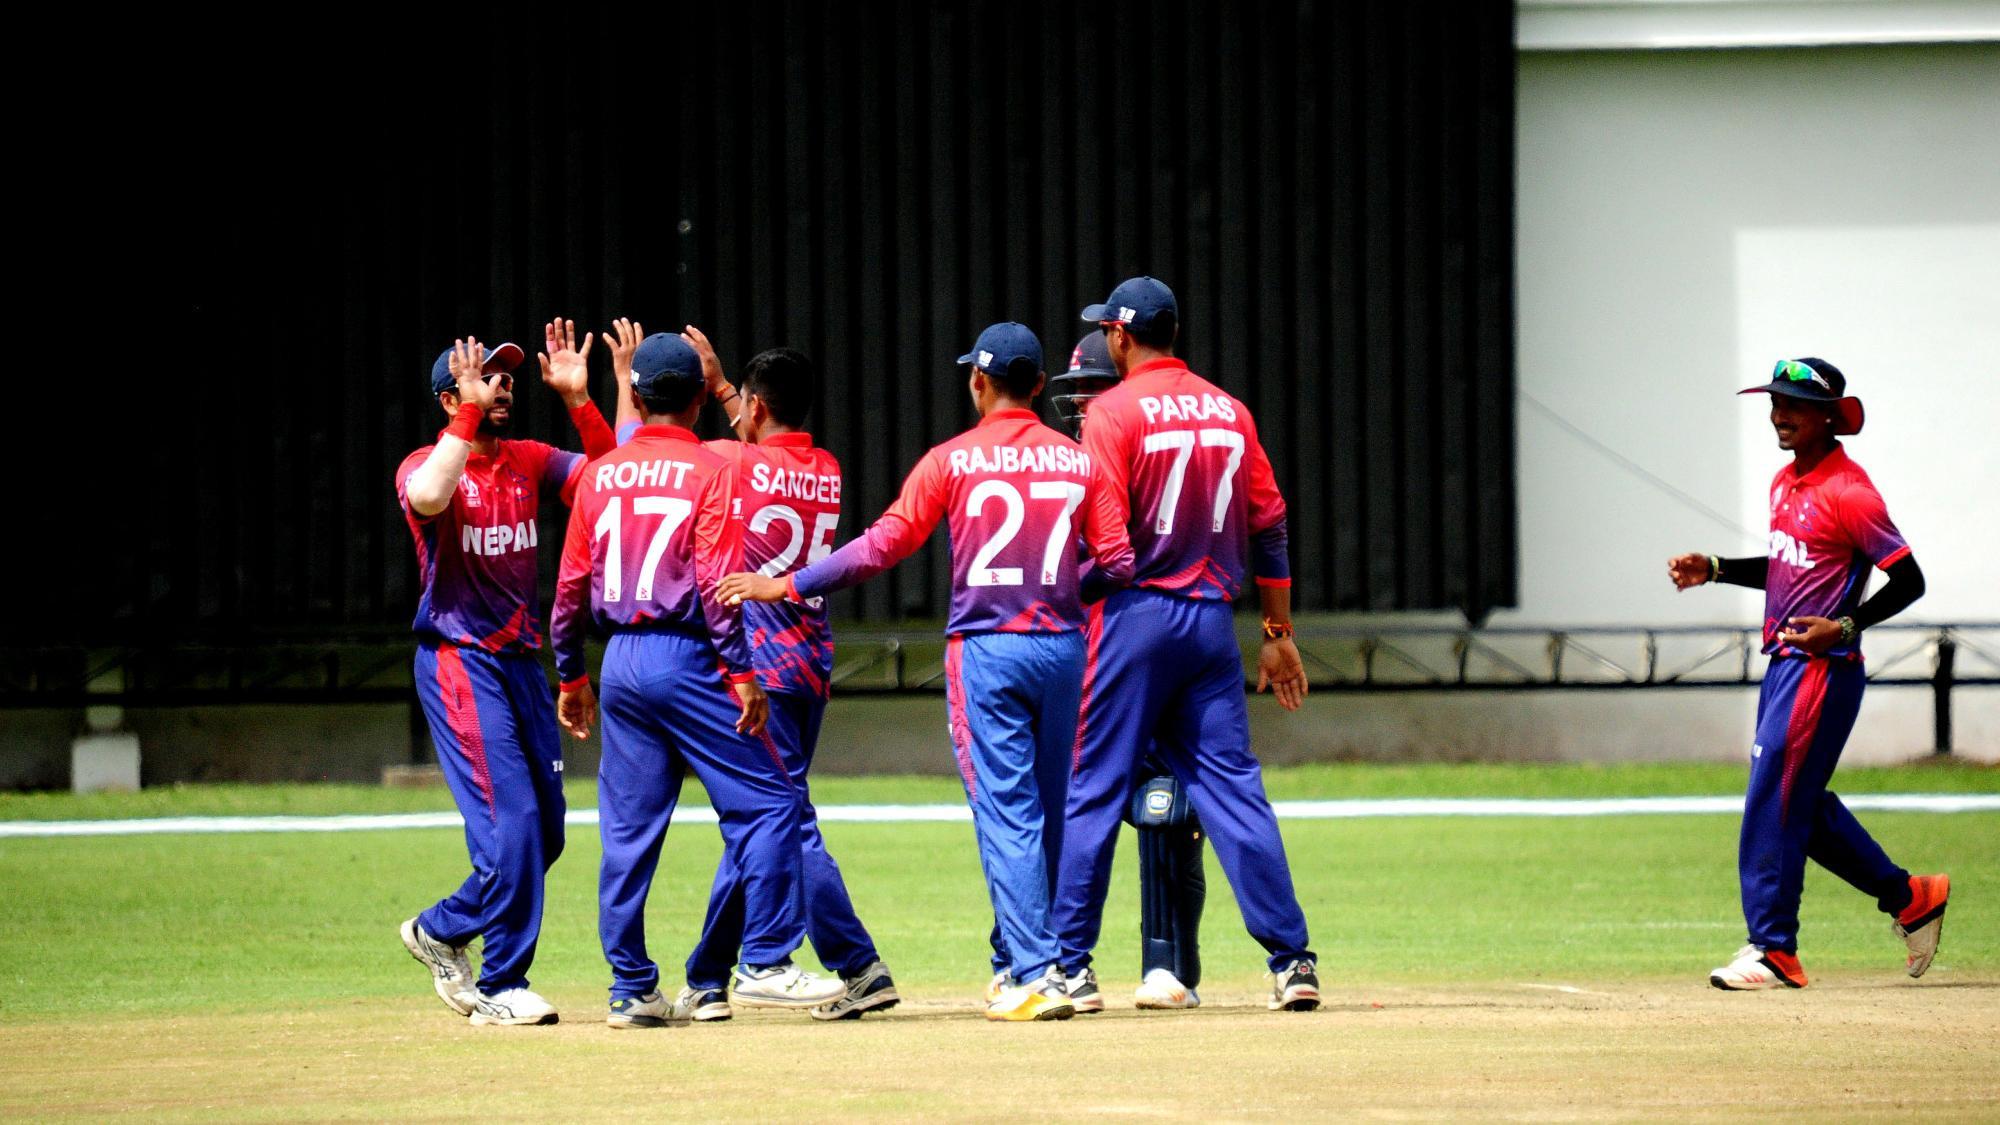 साग खेलकुदः पुरुष क्रिकेटमा श्रीलंकासँग नेपाल पराजित